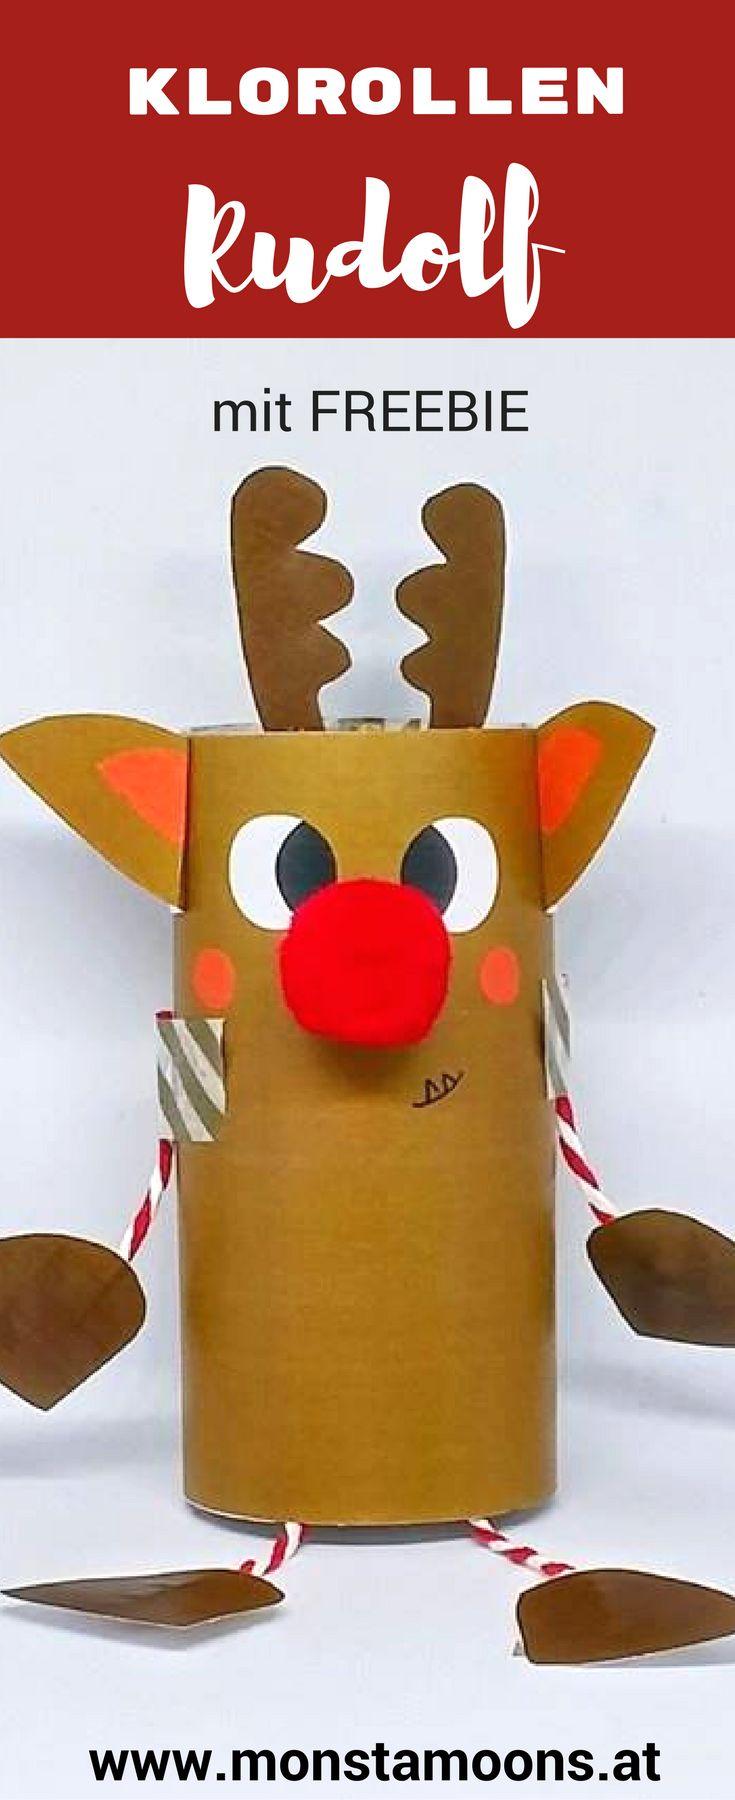 Rudolf das Klorollenrentier, Rentier basteln, Rudolph craft, Rudolf basteln, Weihnachten, Basteln für Weihnachten, christmas crafts